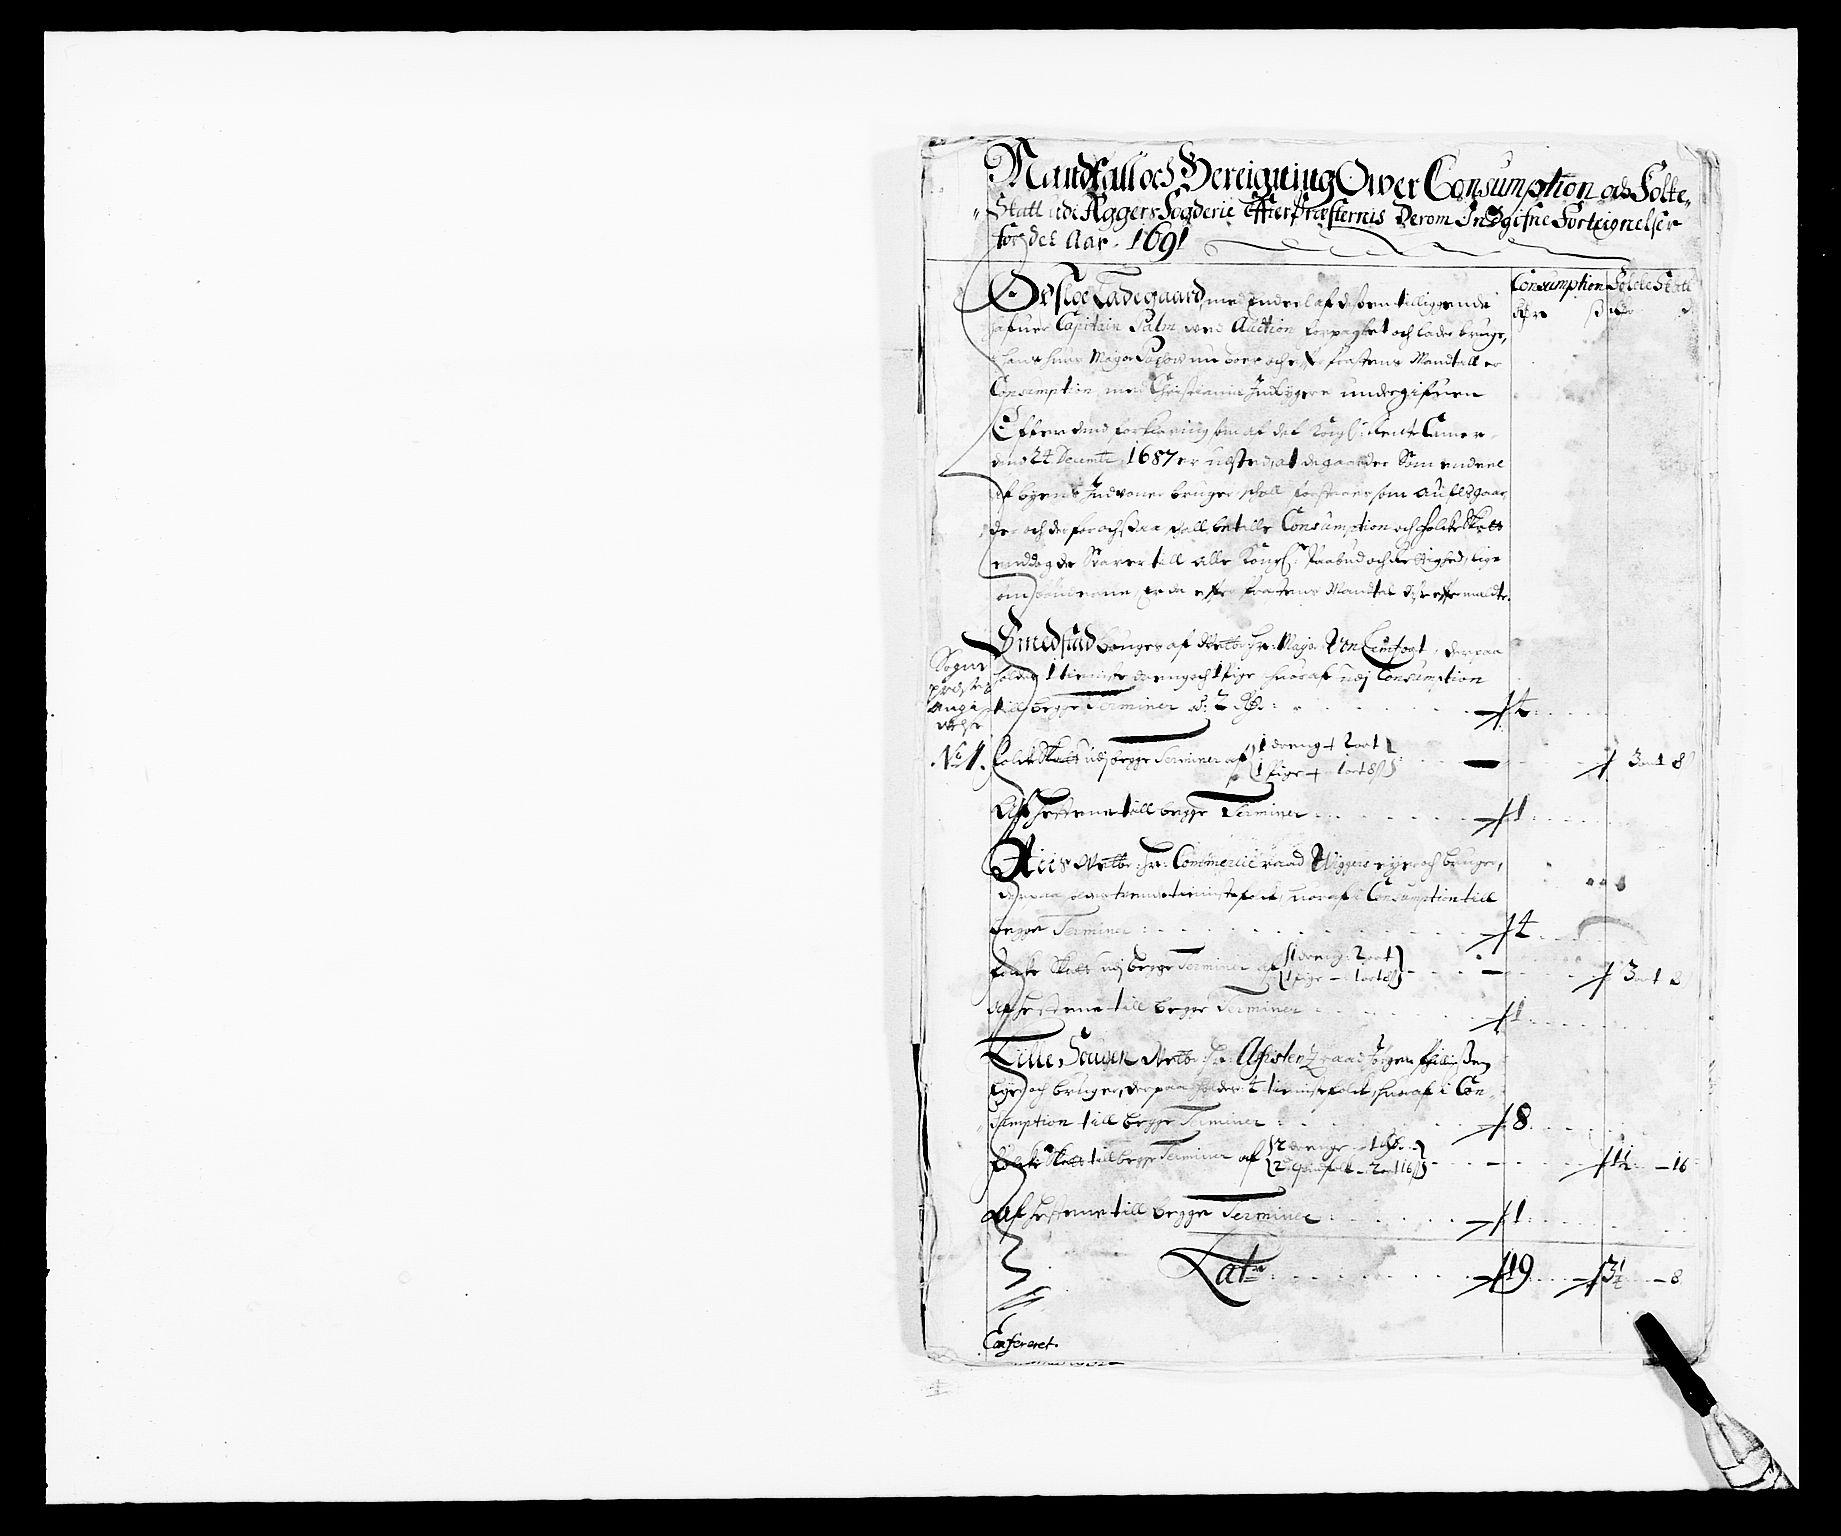 RA, Rentekammeret inntil 1814, Reviderte regnskaper, Fogderegnskap, R08/L0423: Fogderegnskap Aker, 1687-1689, s. 311